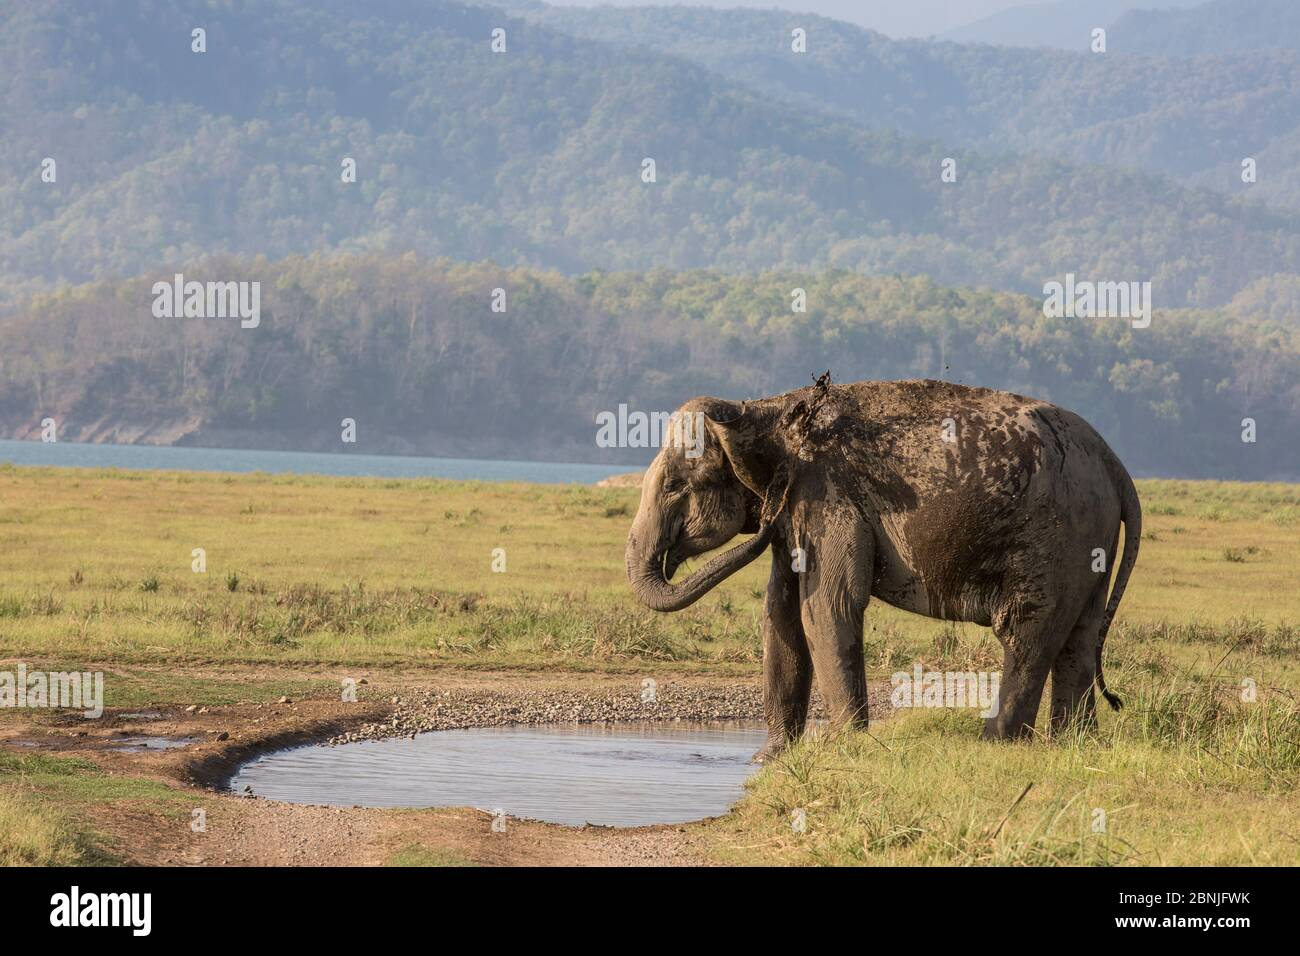 Éléphant asiatique (Elepha maximus), femelle se refroidissant par pulvérisation d'eau. Parc national Jim Corbett, Inde. Banque D'Images